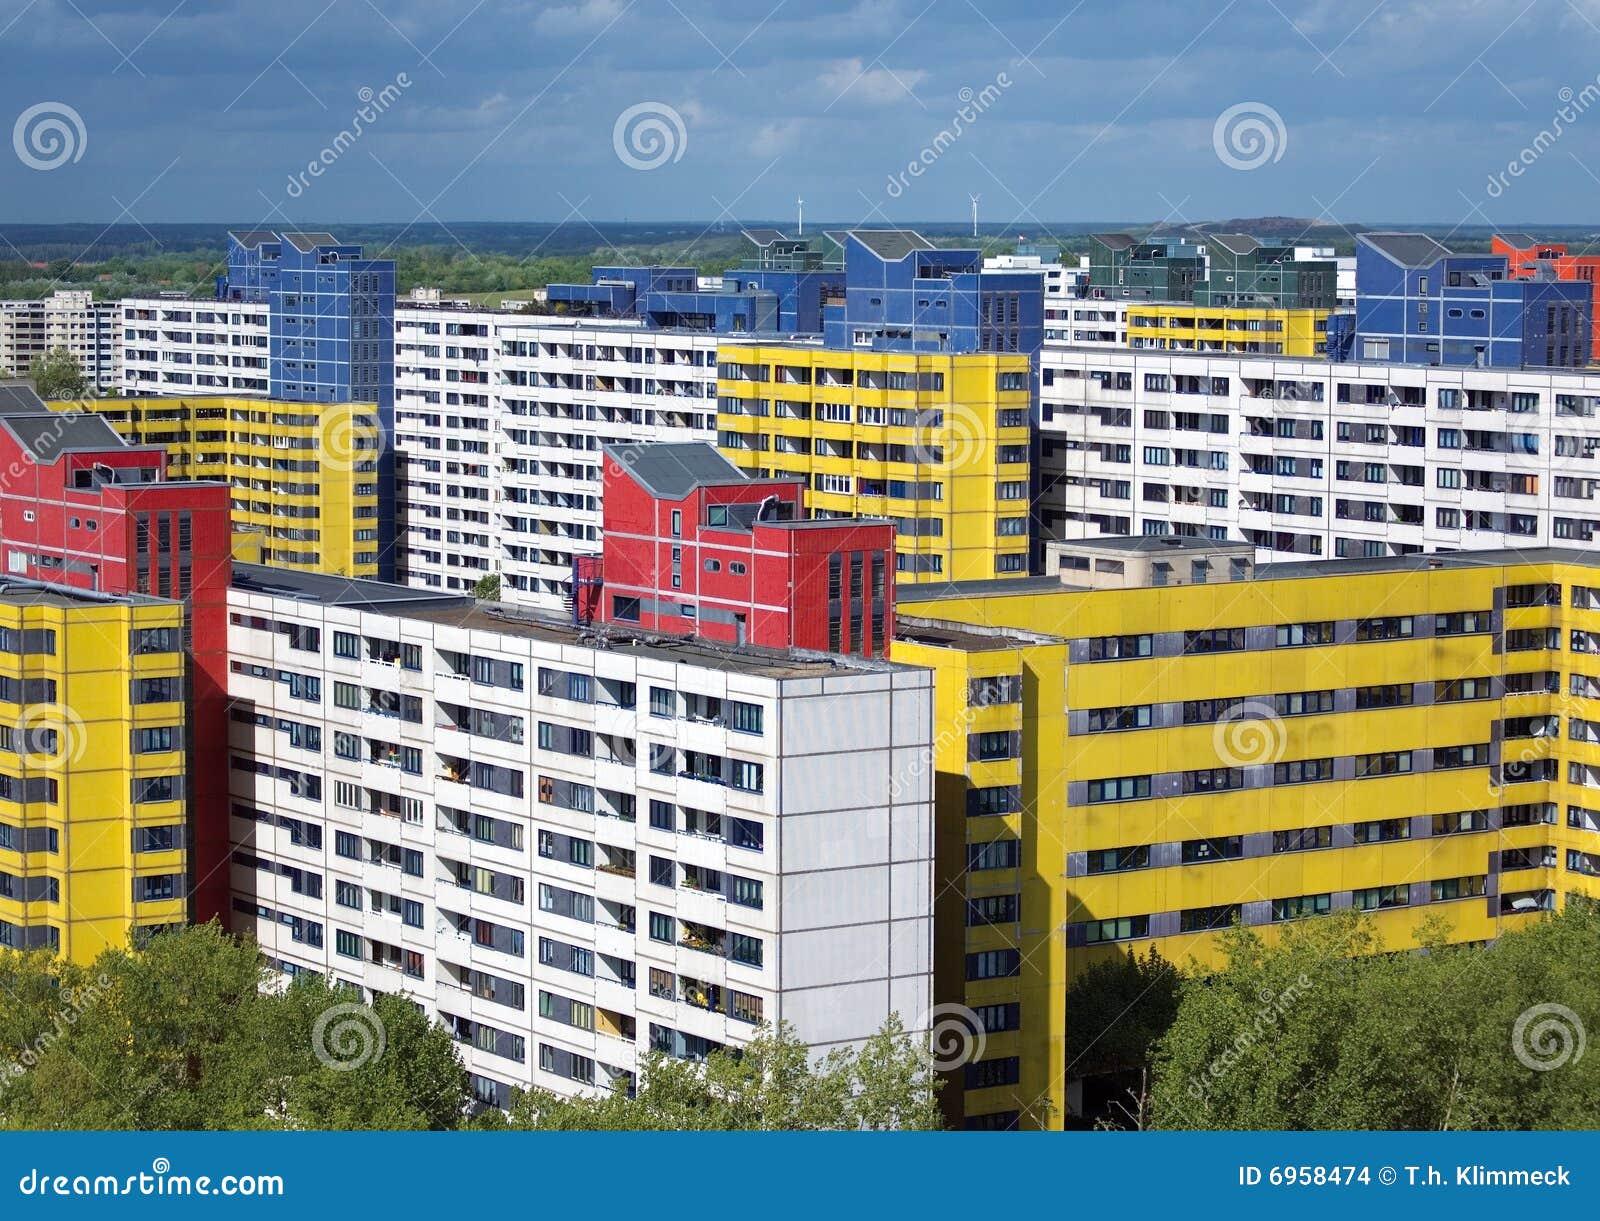 Suburb of Berlin